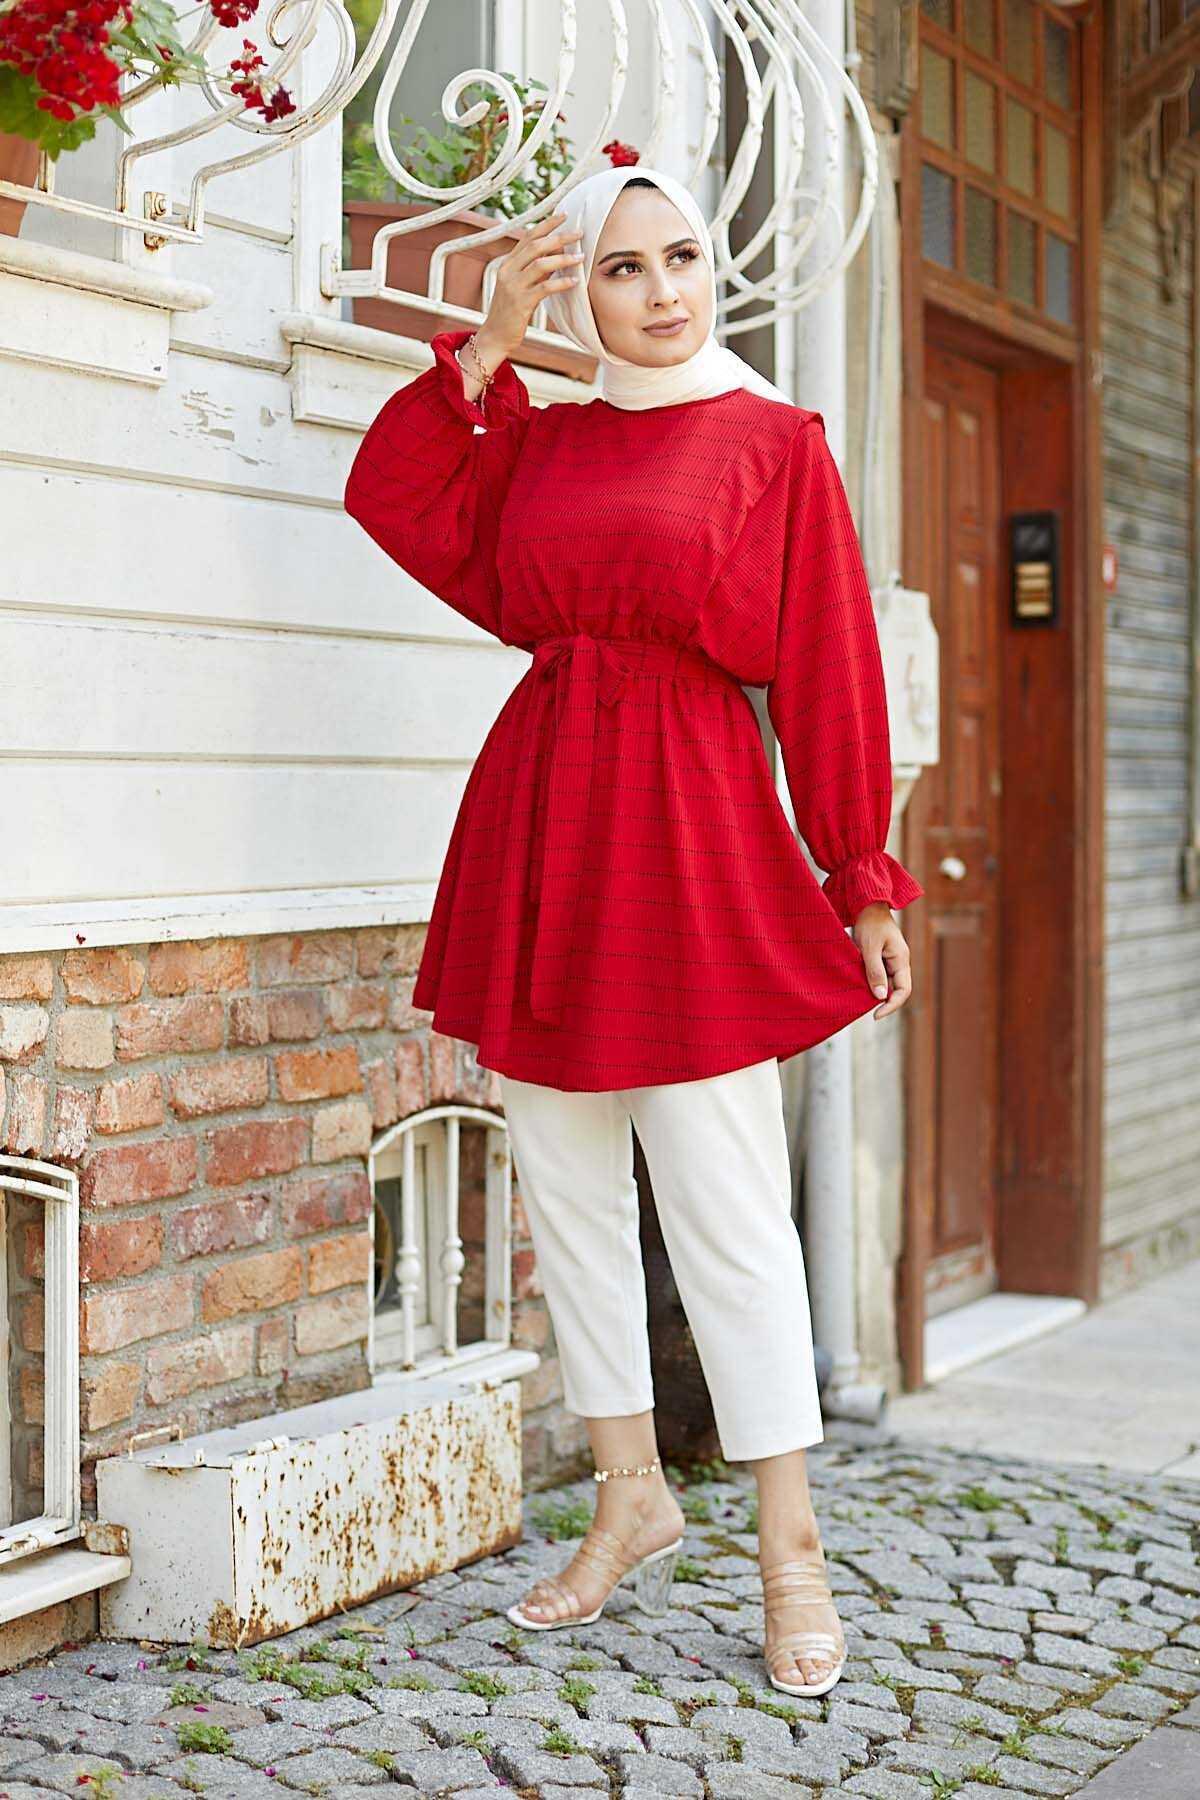 Hf Moda Tesettür Çizgili Kırmızı Tunik Modelleri